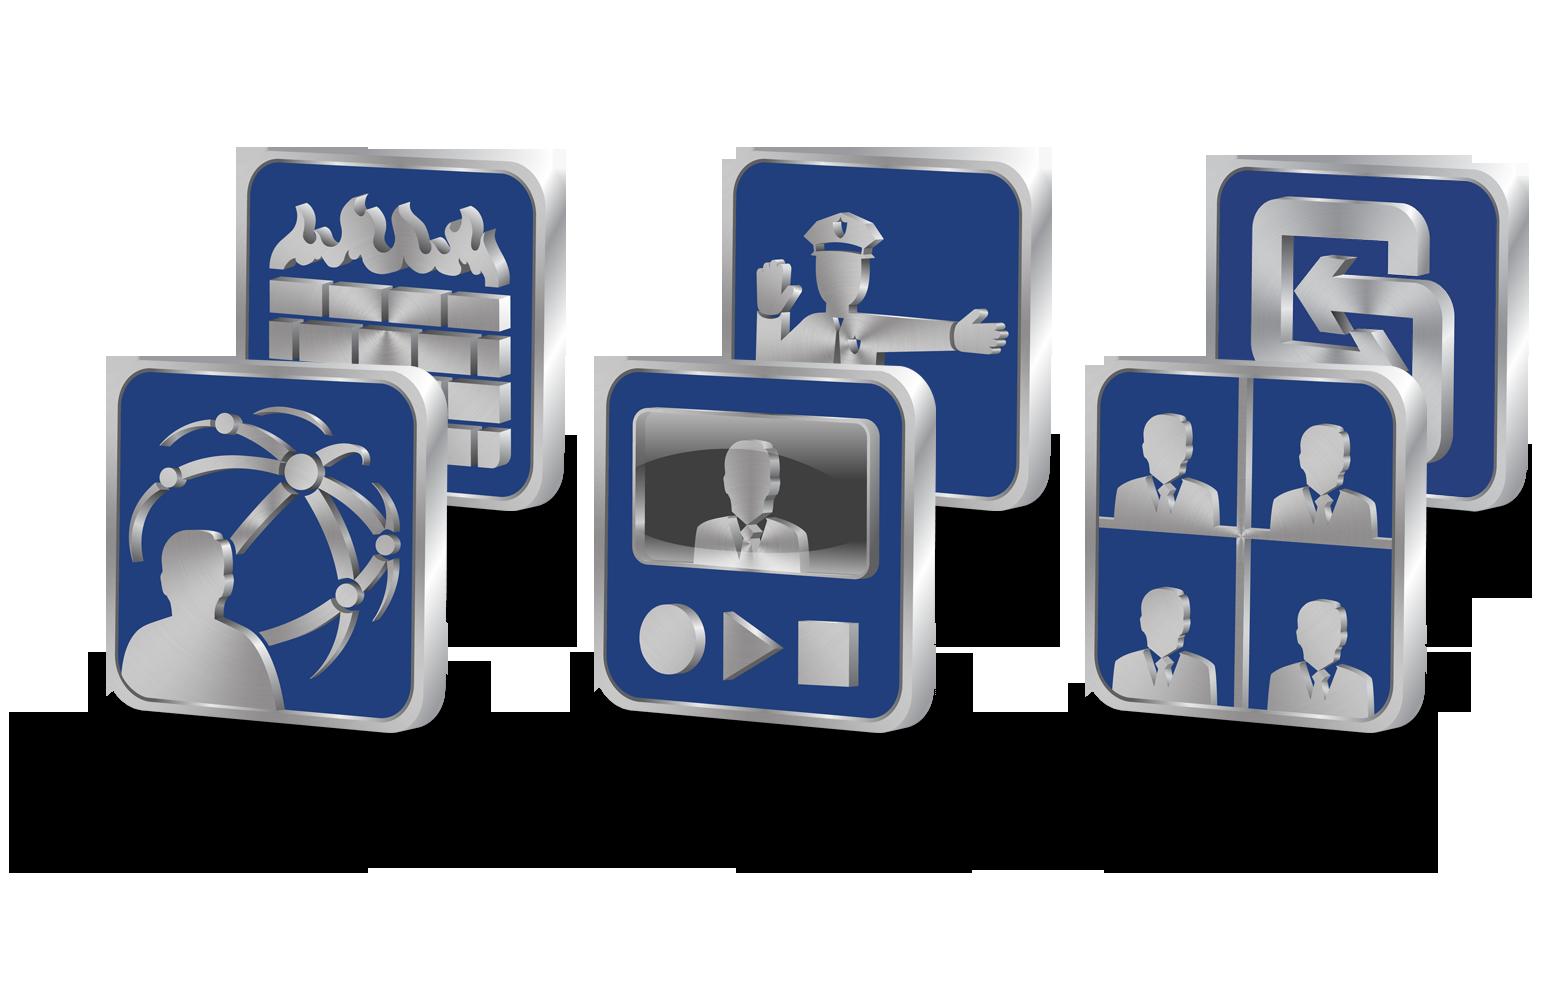 LifeSize UVC Product Icons